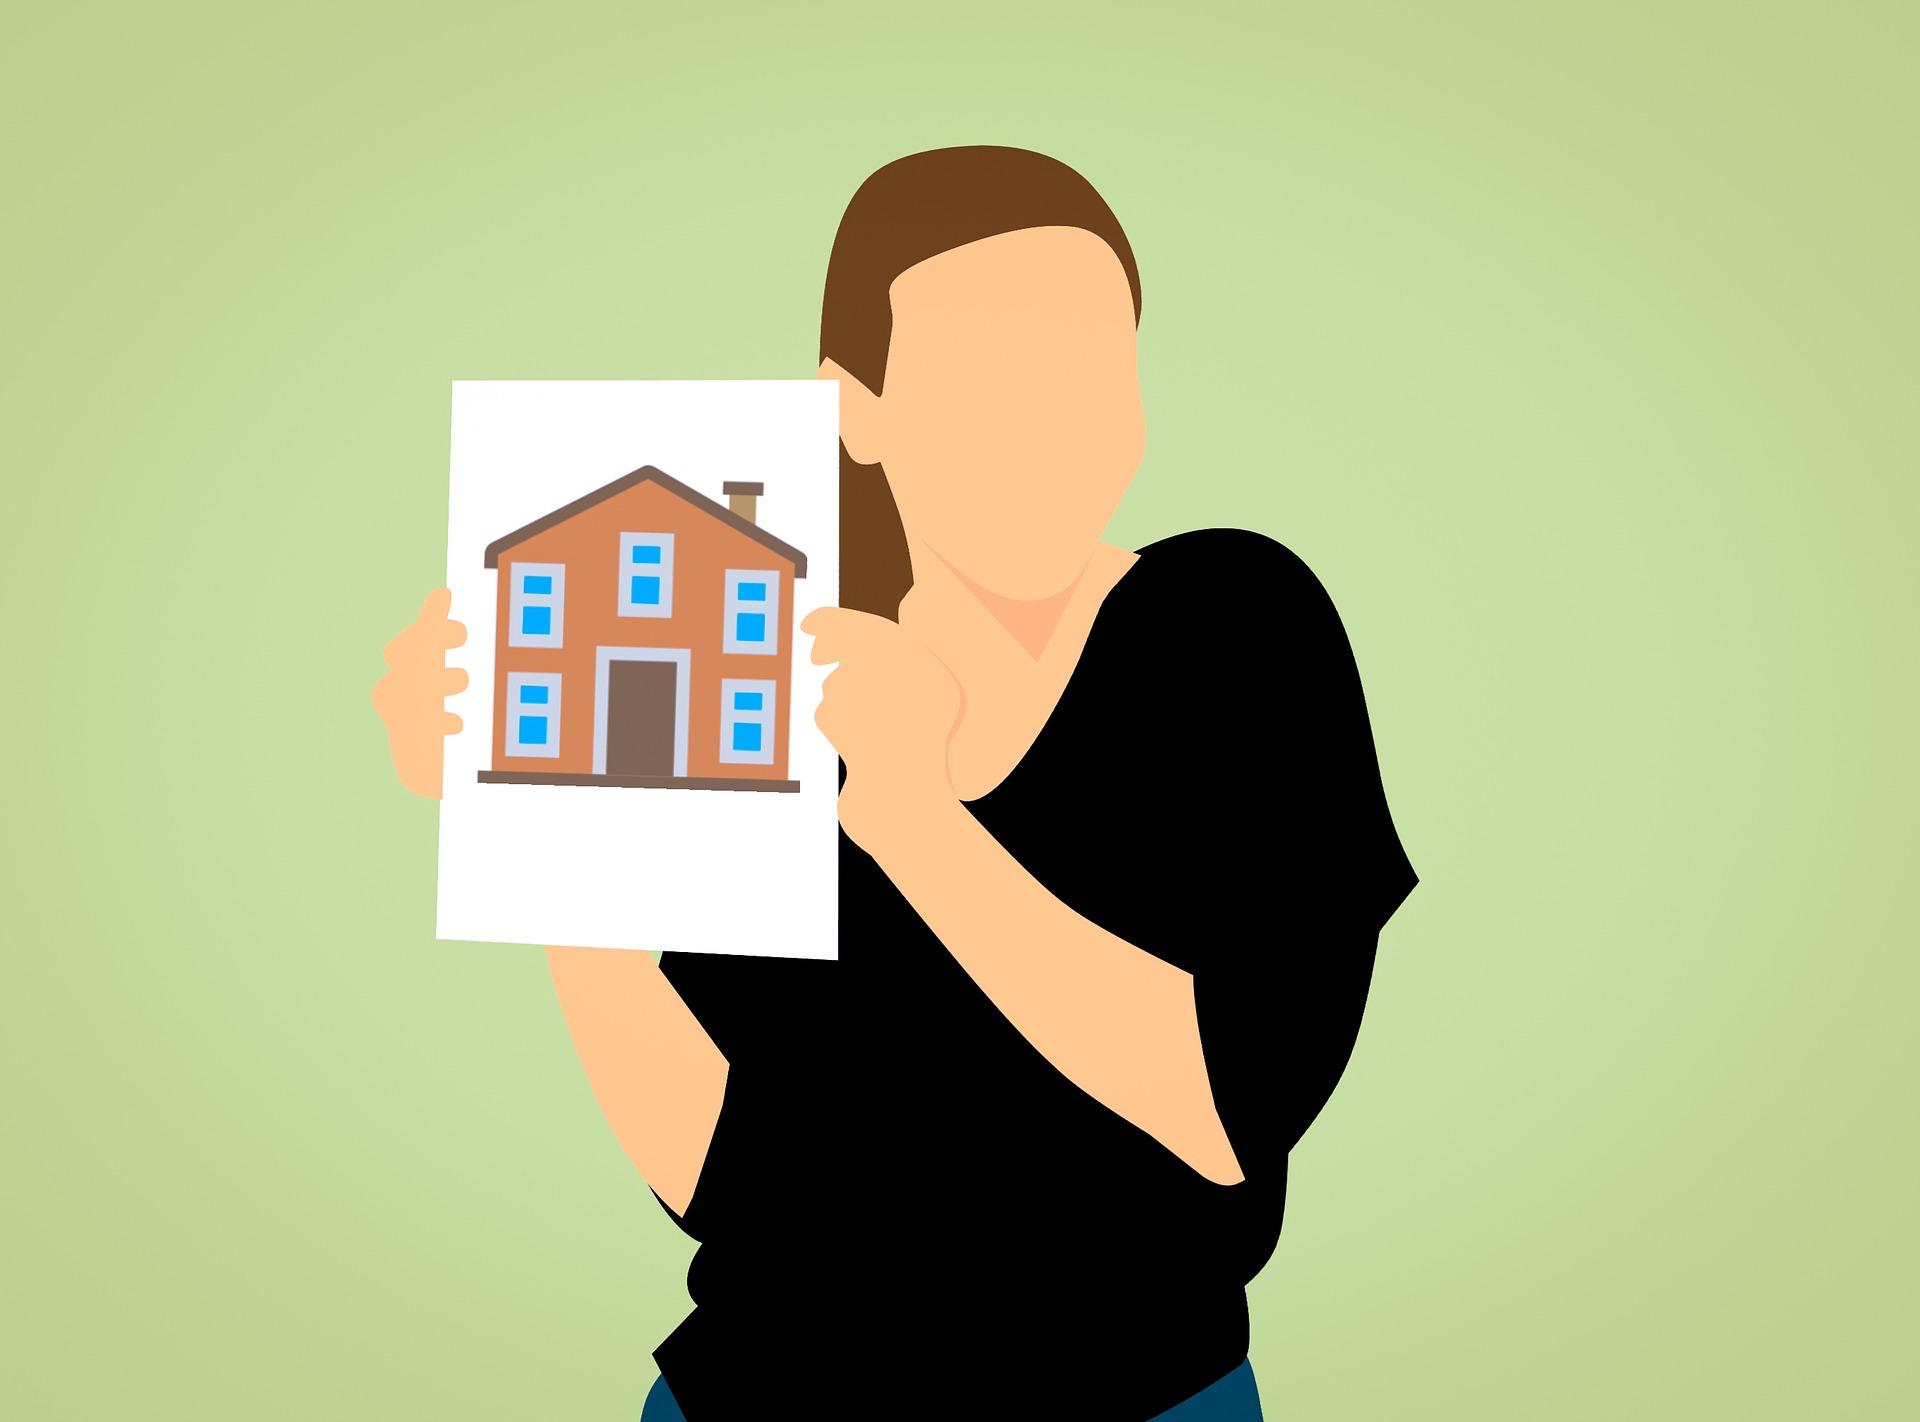 Salg af bolig på bedste vis